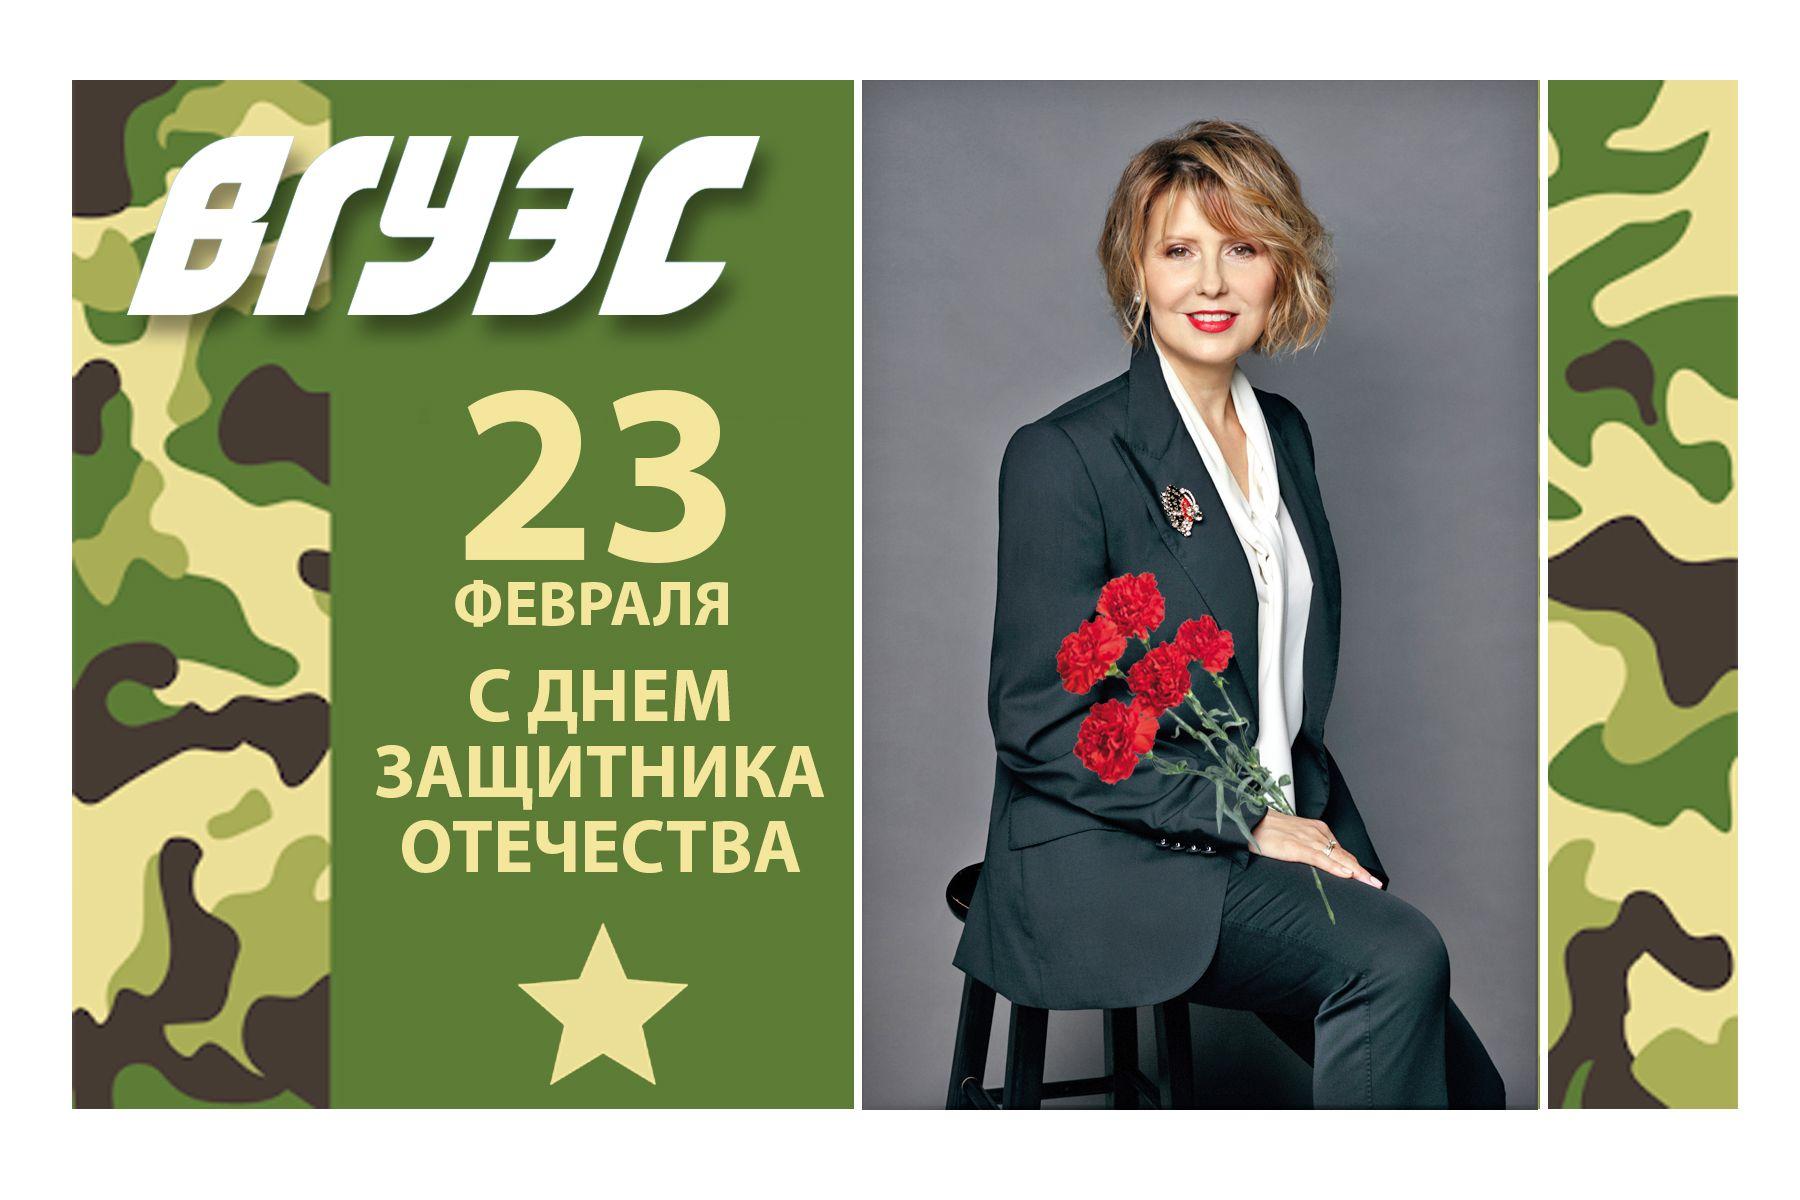 Поздравление ректора ВГУЭС Татьяны Терентьевой с Днем защитника Отечества